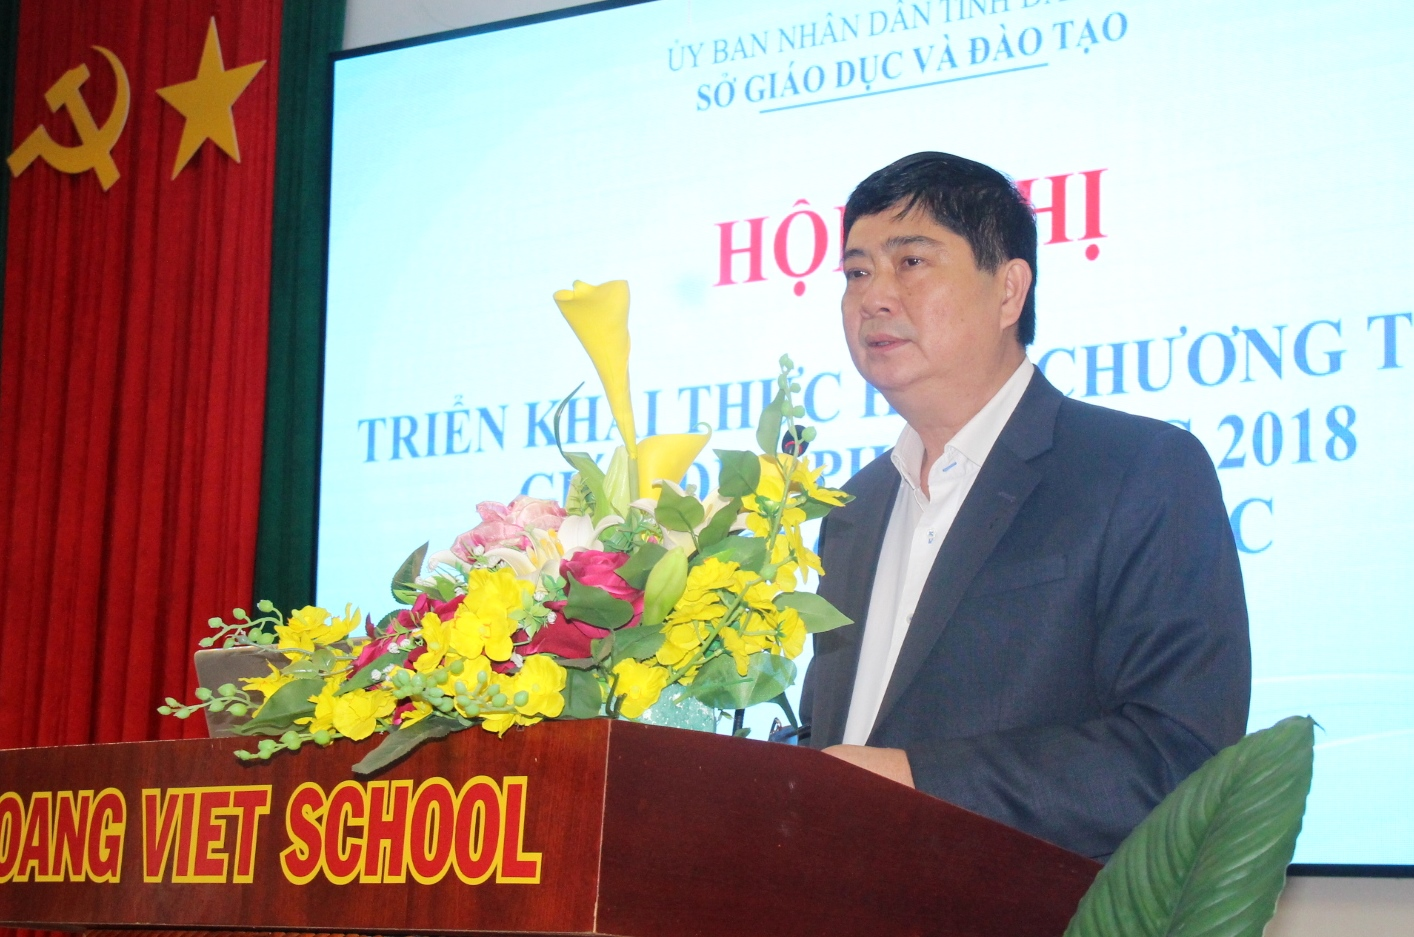 Triển khai thực hiện Chương trình giáo dục phổ thông năm 2018